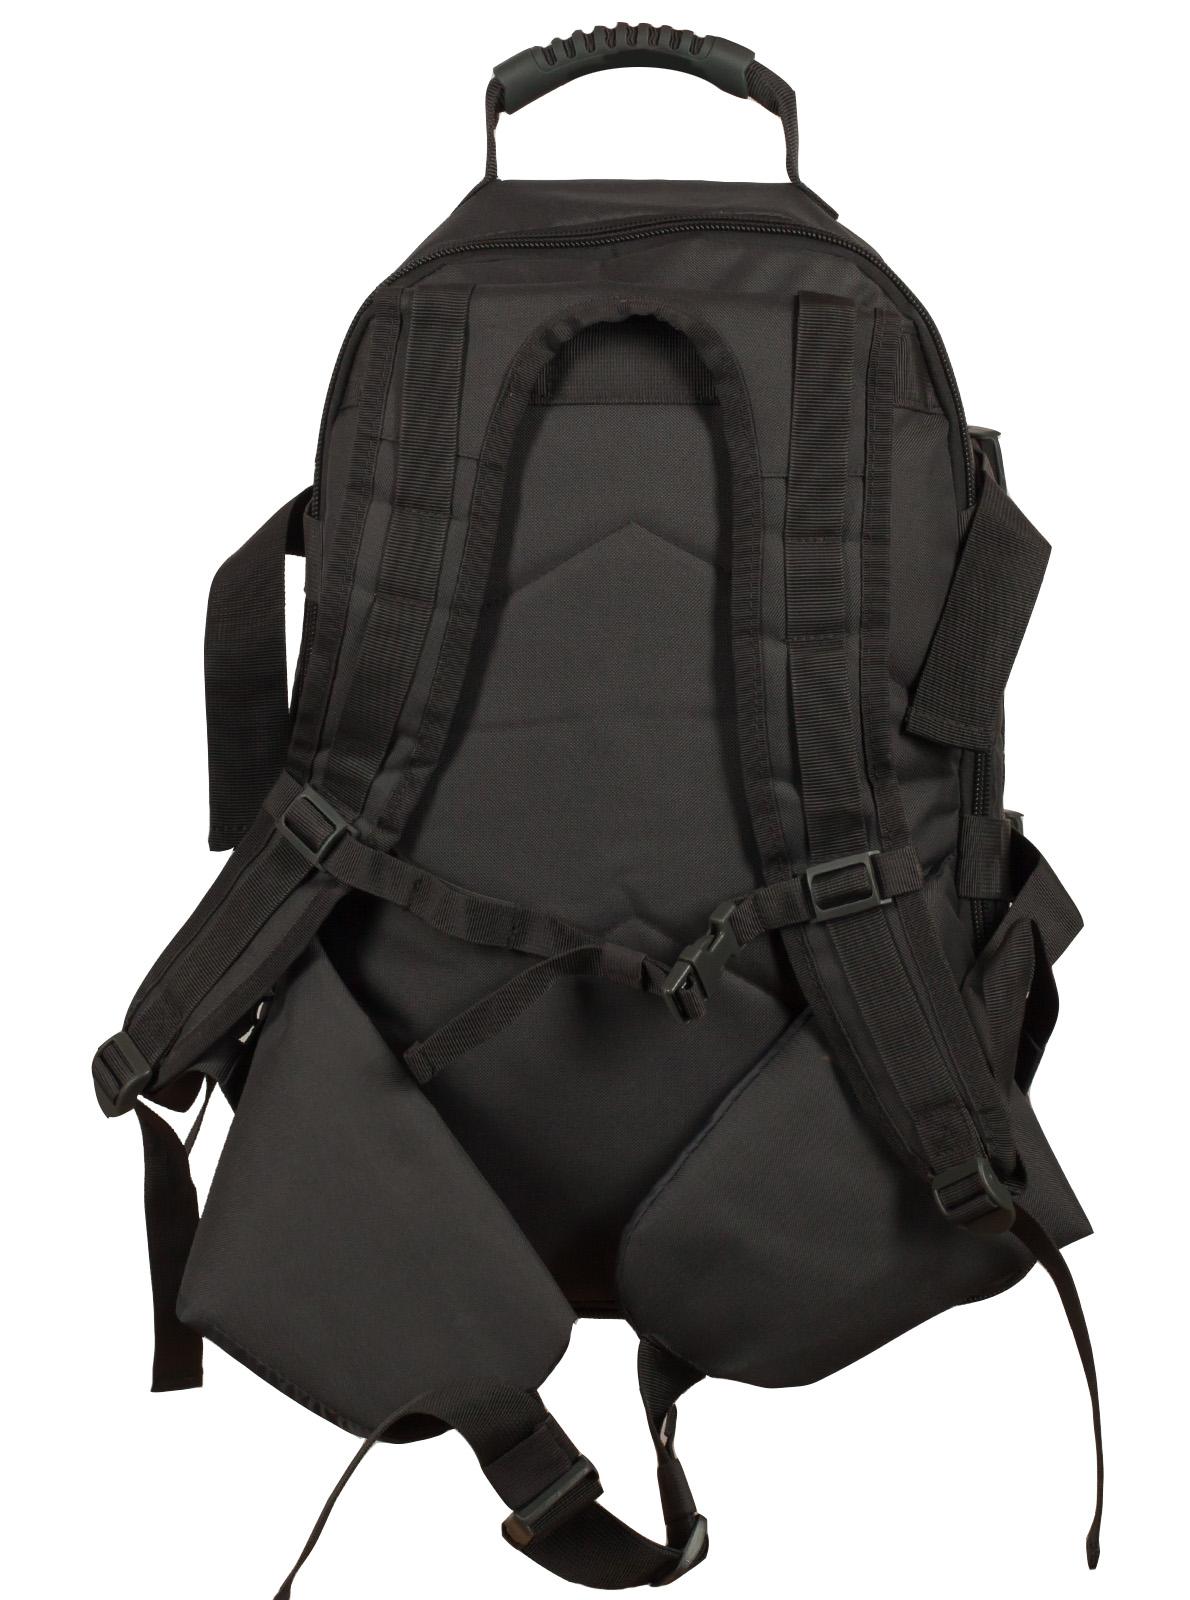 Армейский универсальный рюкзак с нашивкой Полиция России - заказать в подарок